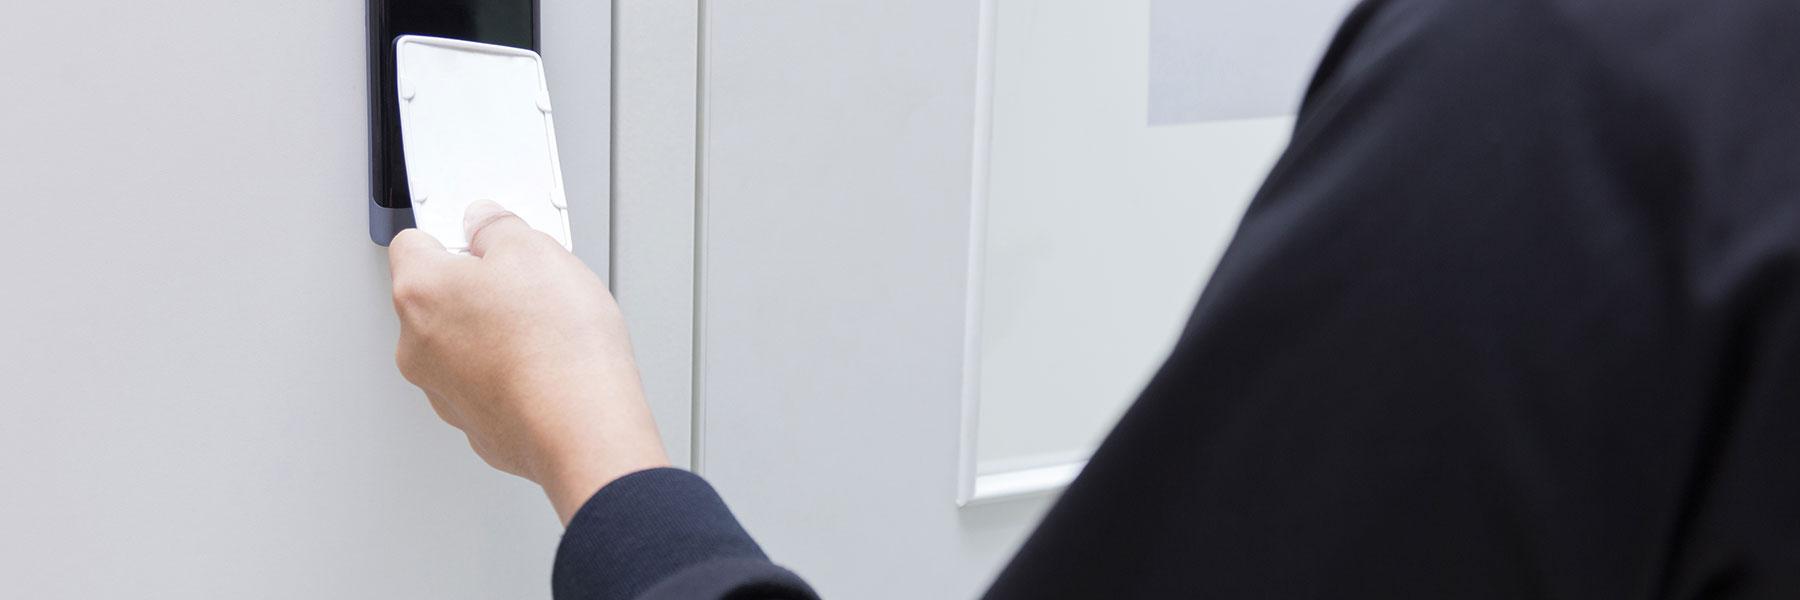 sfondo-aziende-sistemi-di-controllo-accessi-e-gestione-presenze